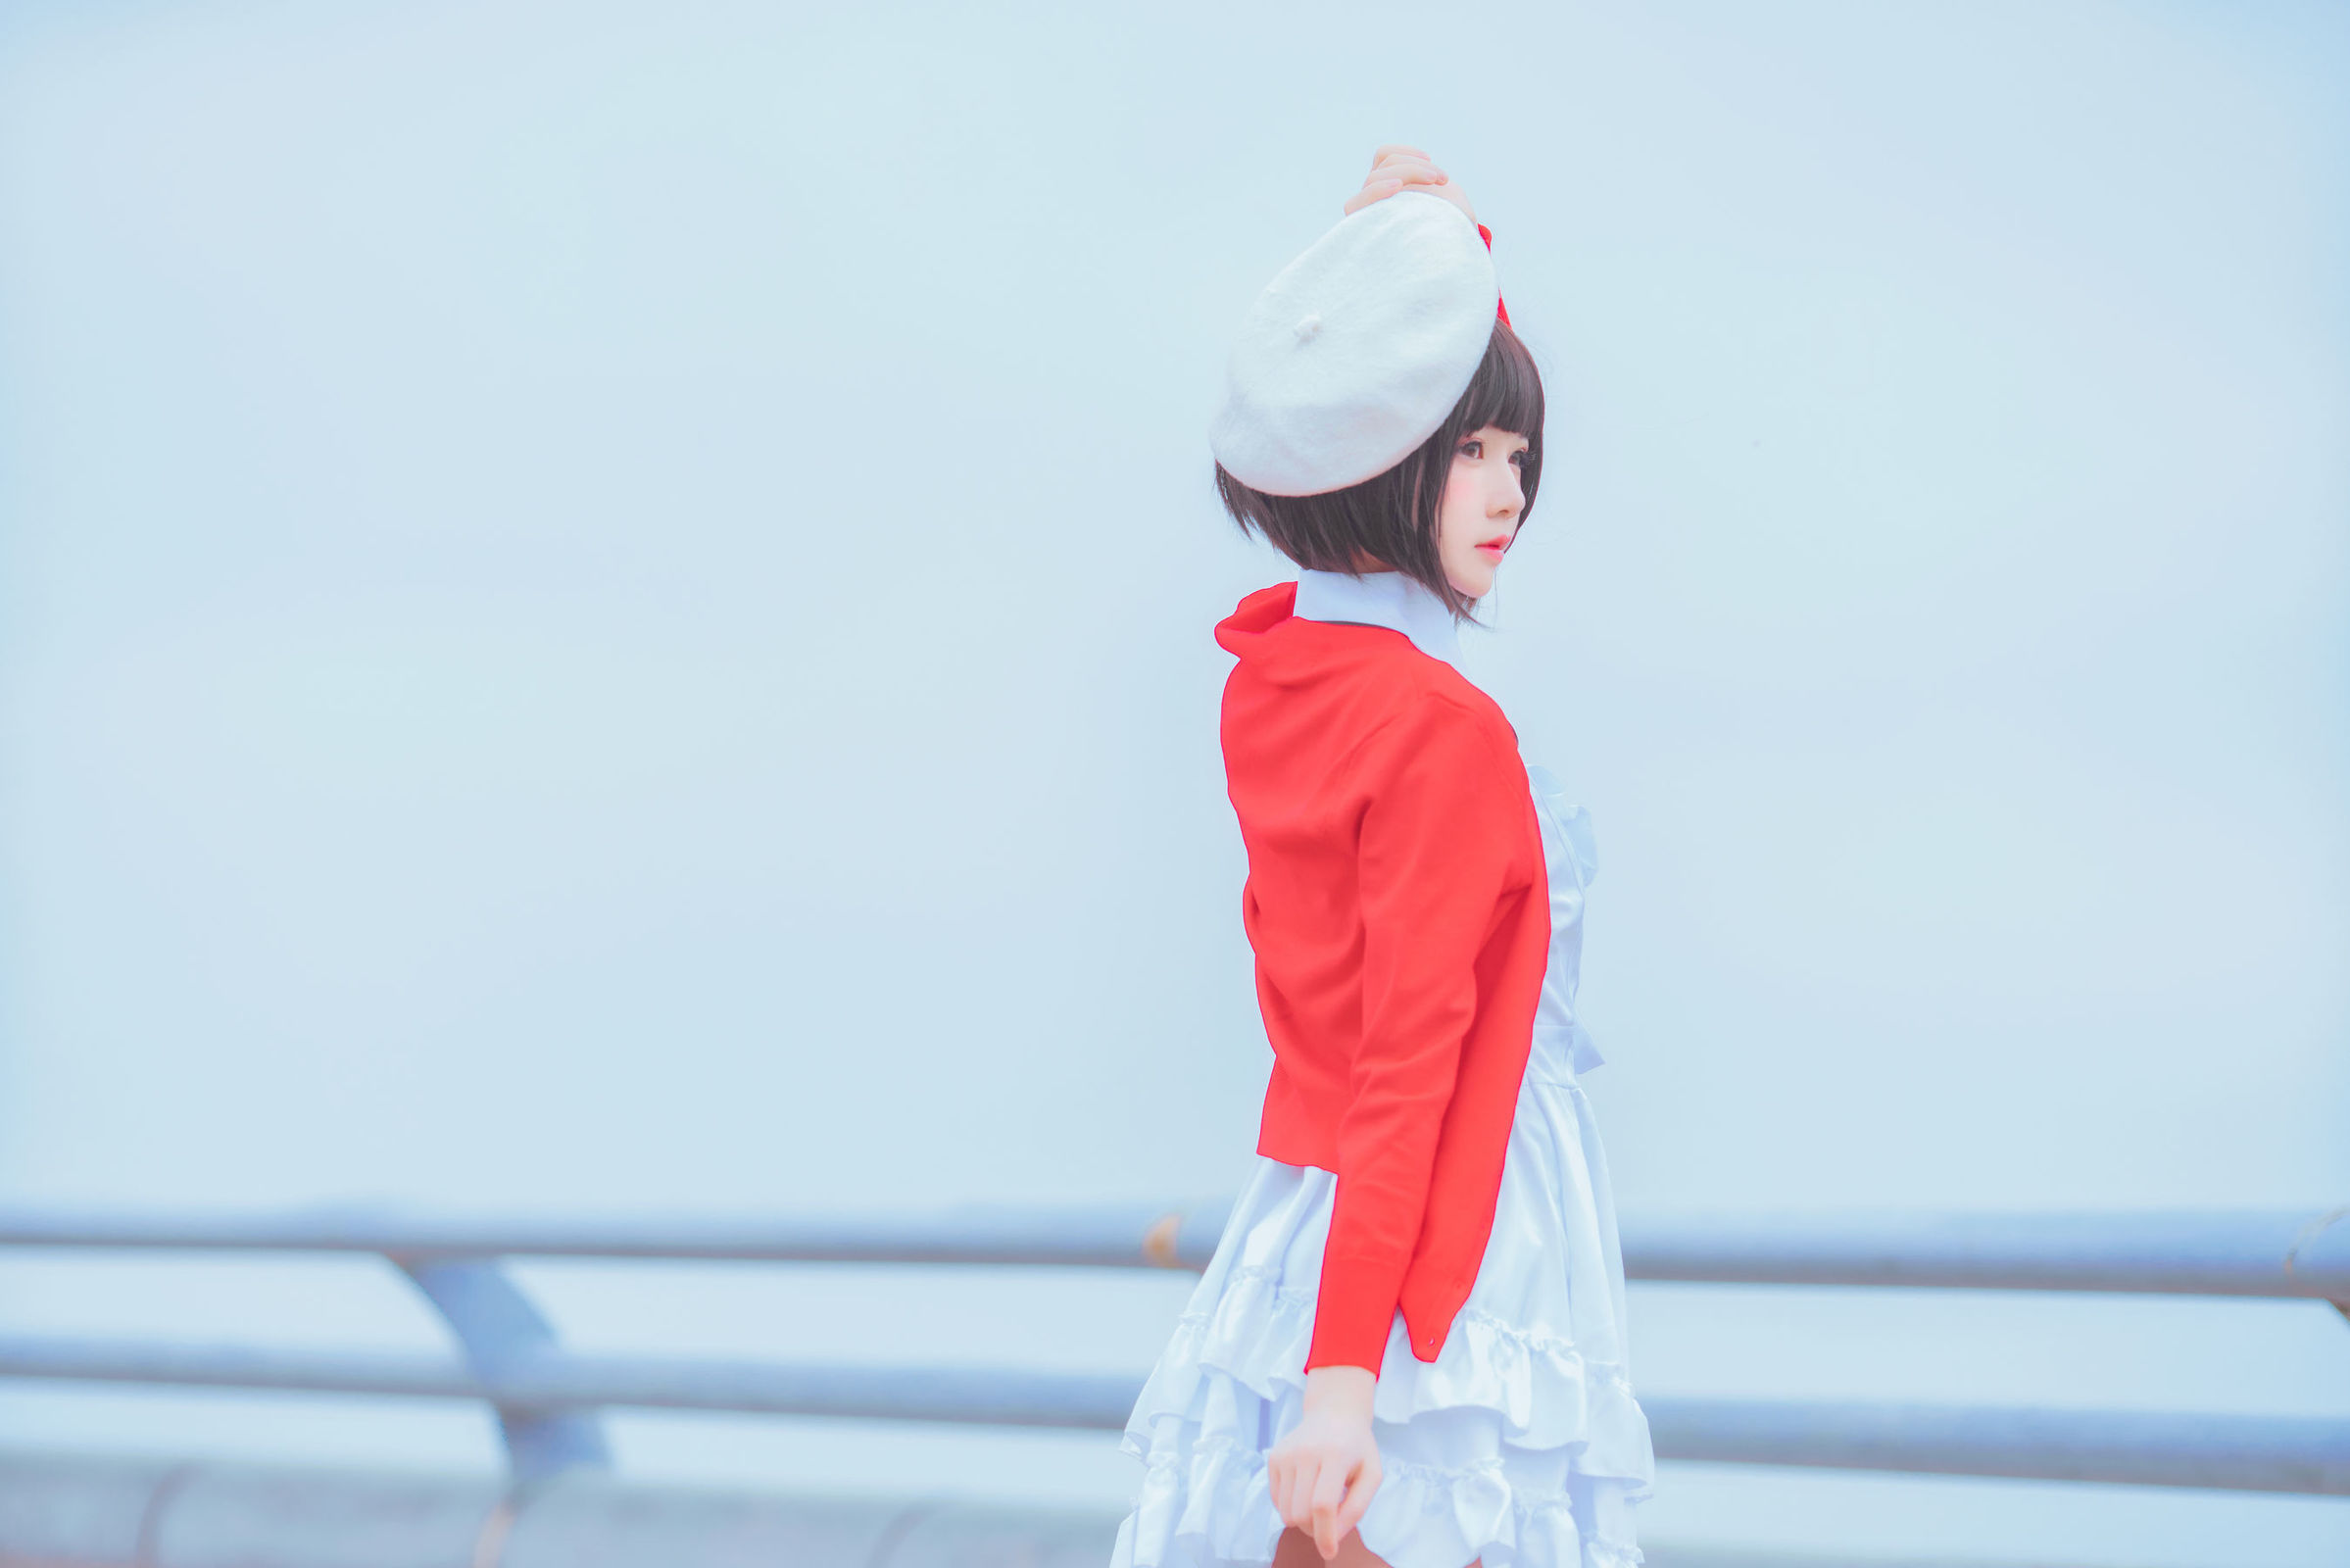 红衣白帽初印象 粉红睡衣白丝袜-桜桃喵《路人女主的养成方法》加藤惠COS  动漫漫画 第19张